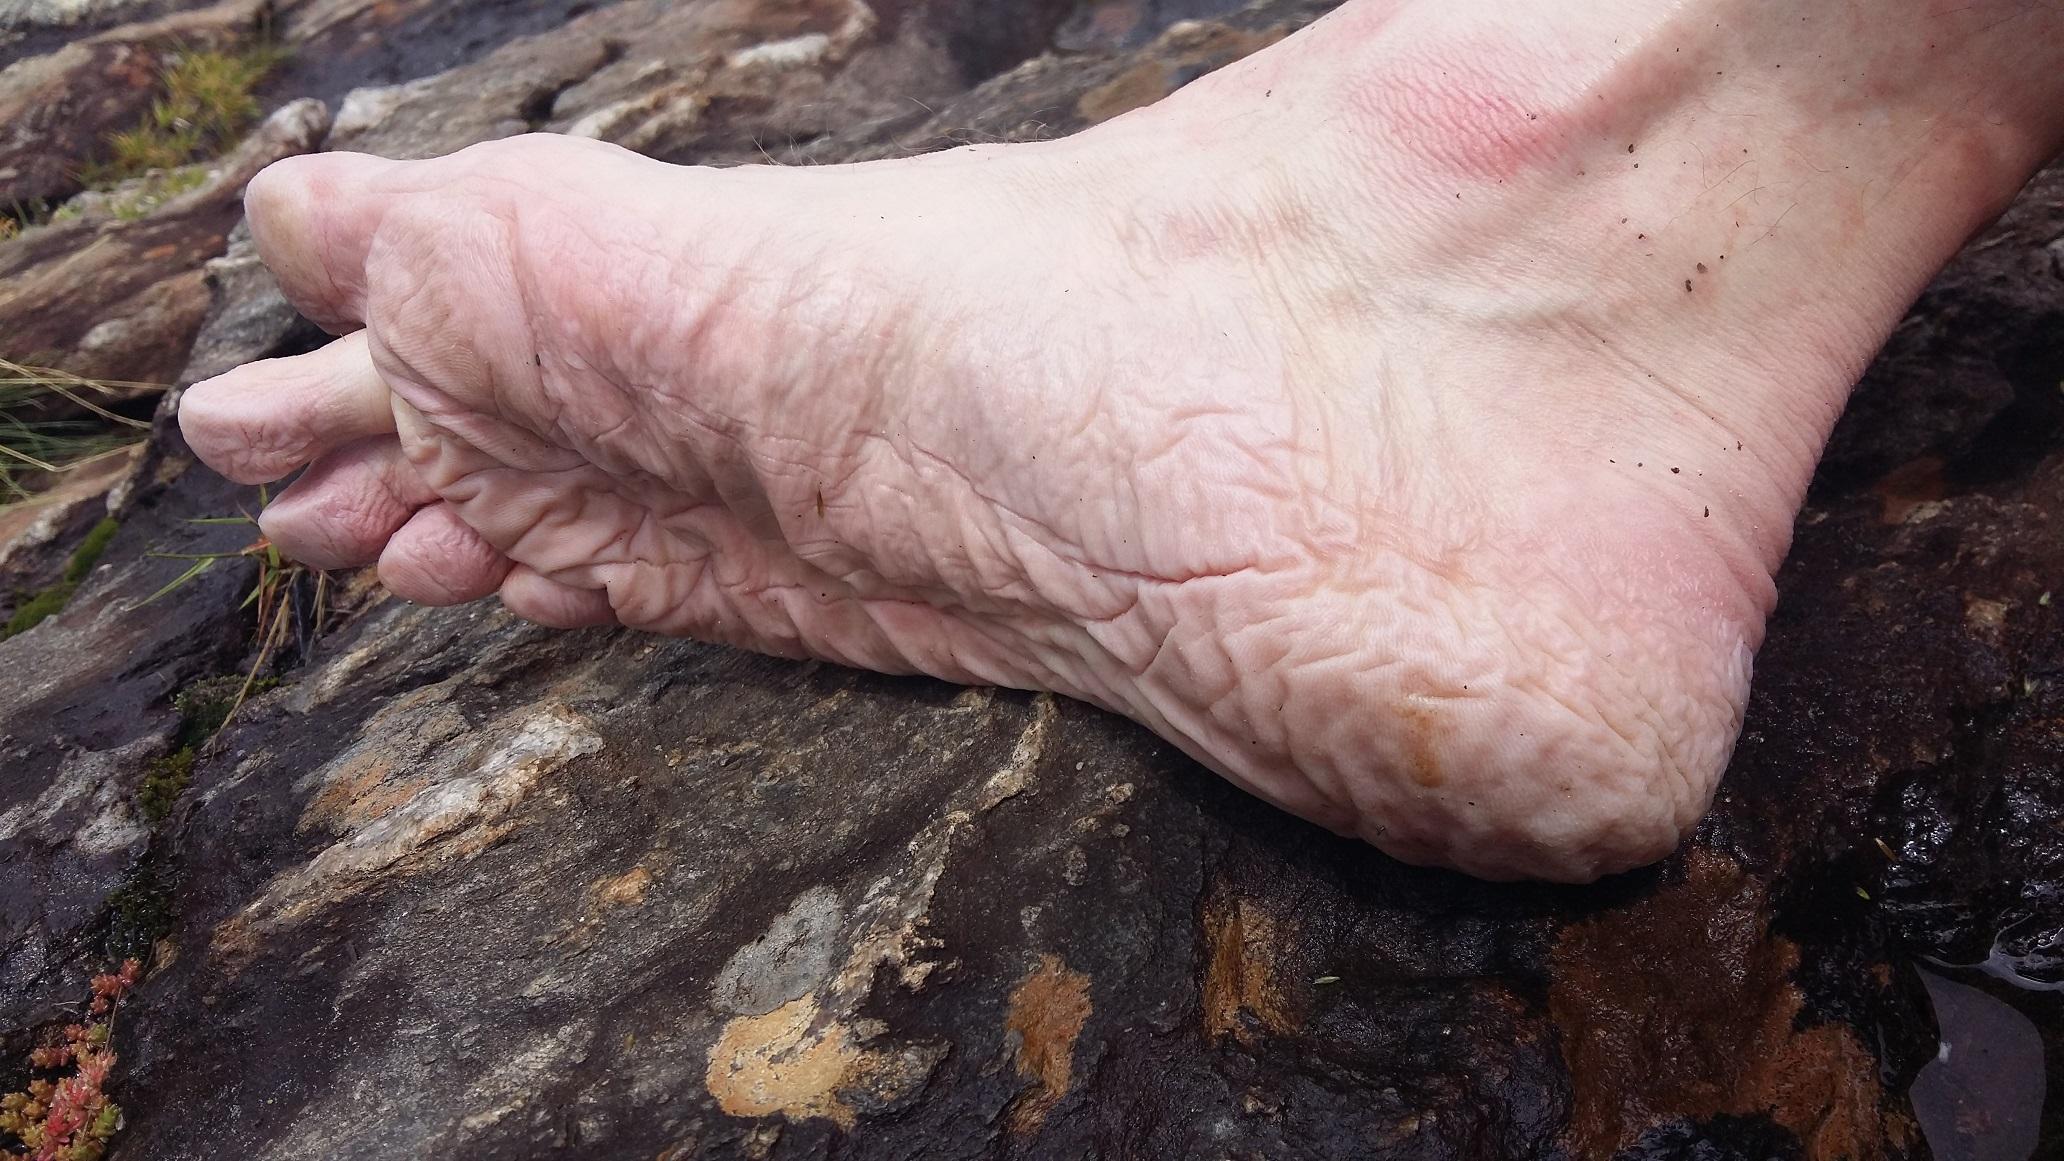 Mes pieds dans les chaussures trempées